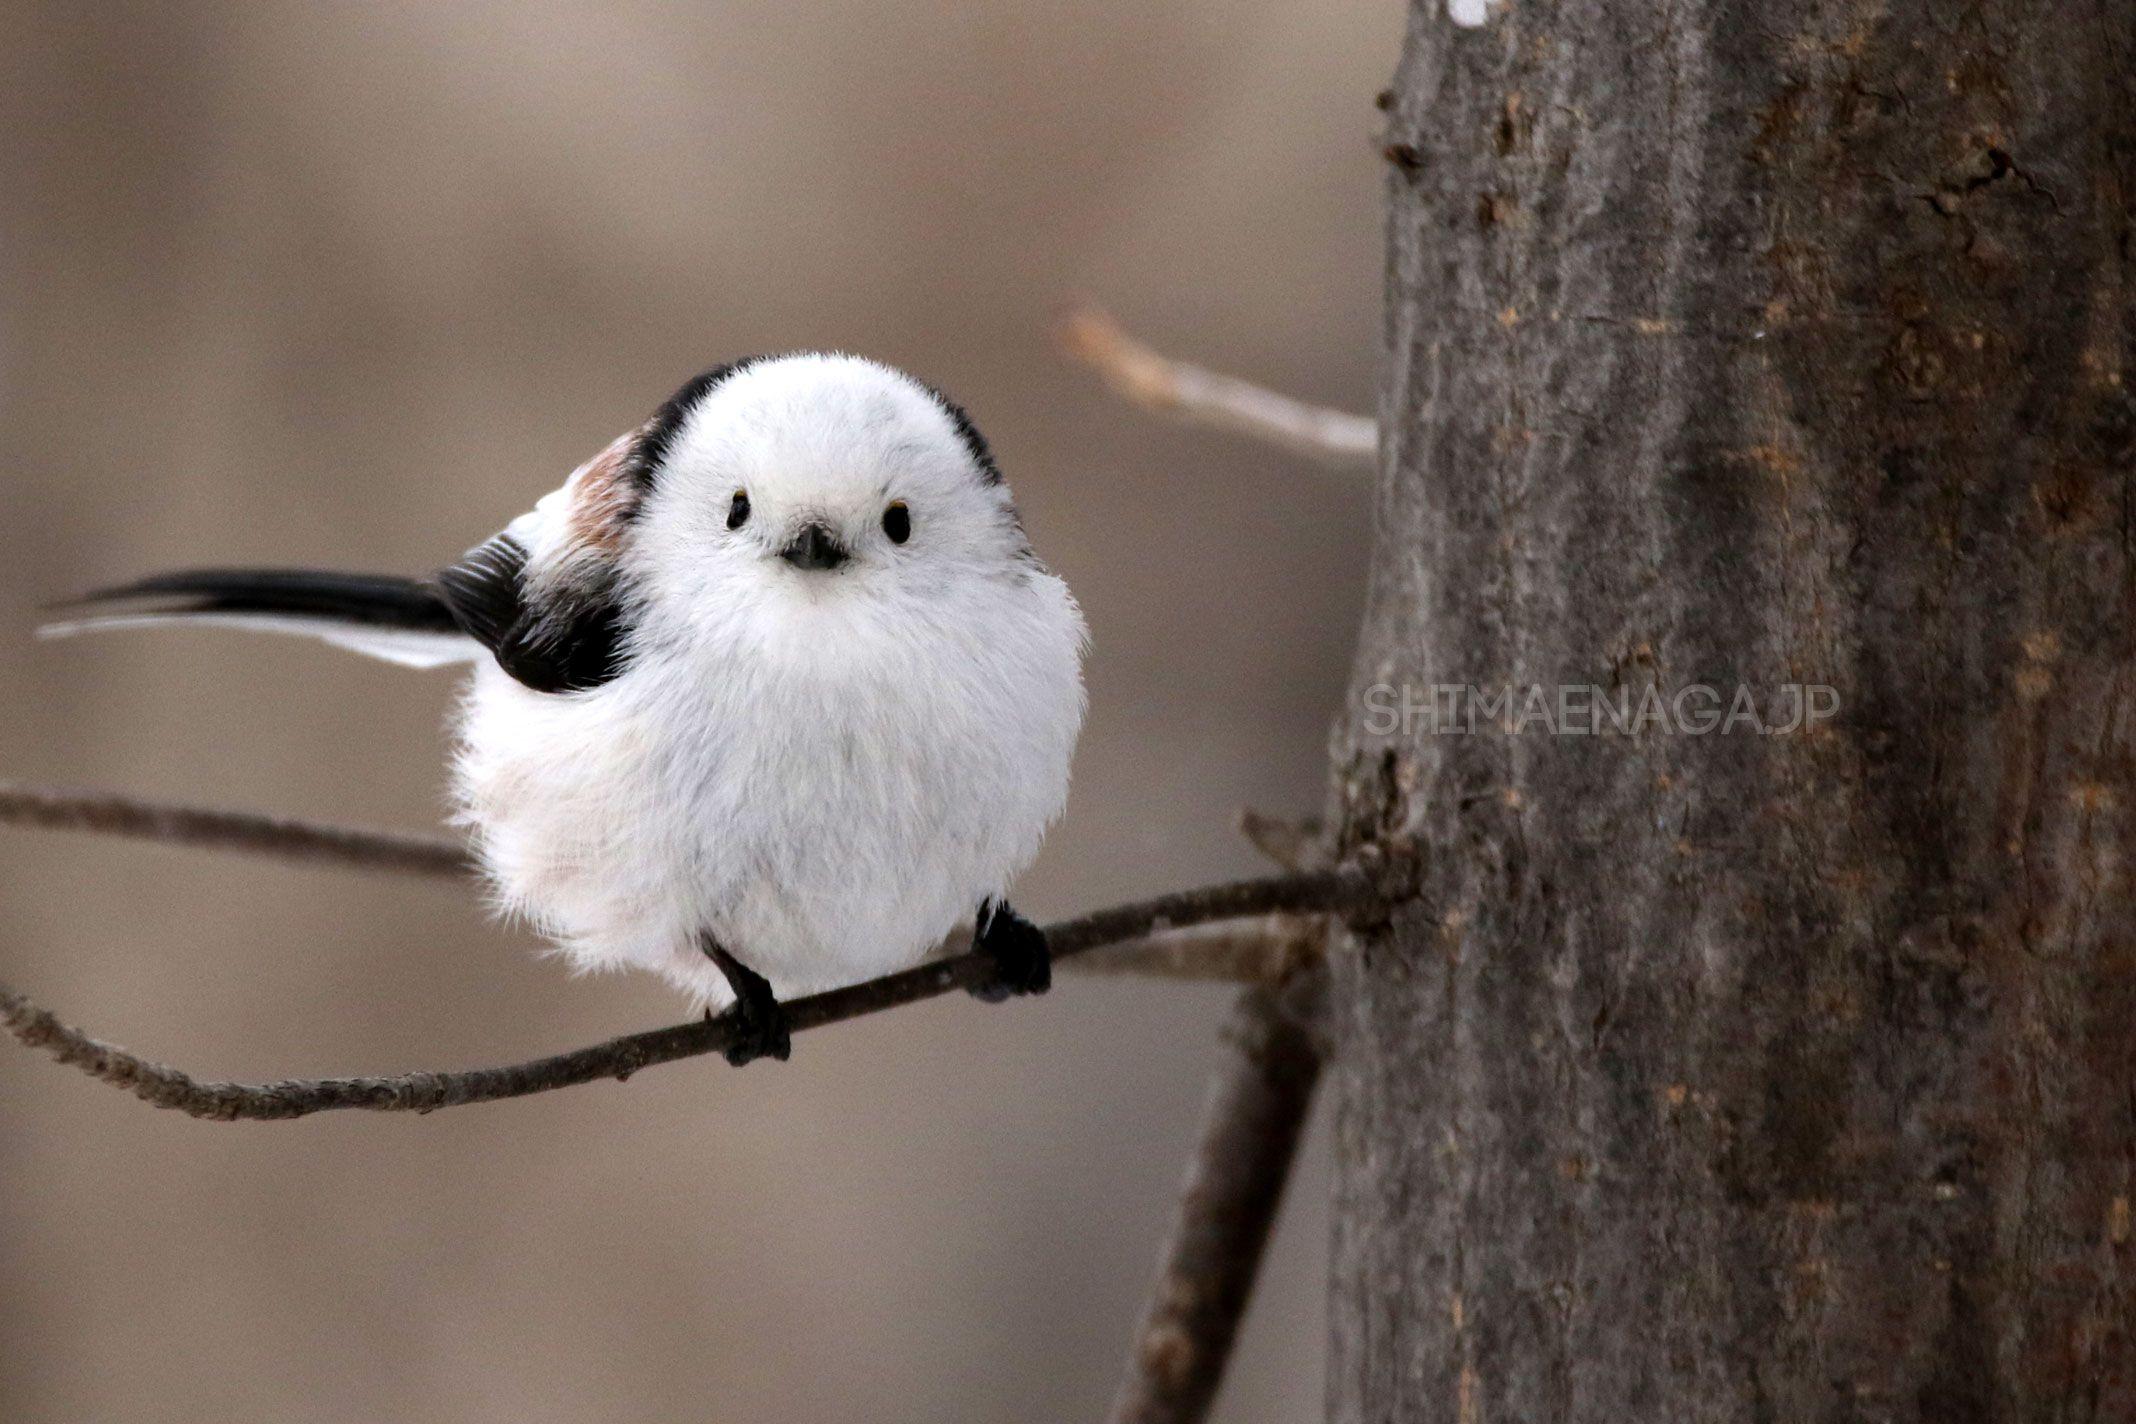 可愛すぎるシマエナガの画像10選 シマエナガ 美しい鳥 鳥 かわいい